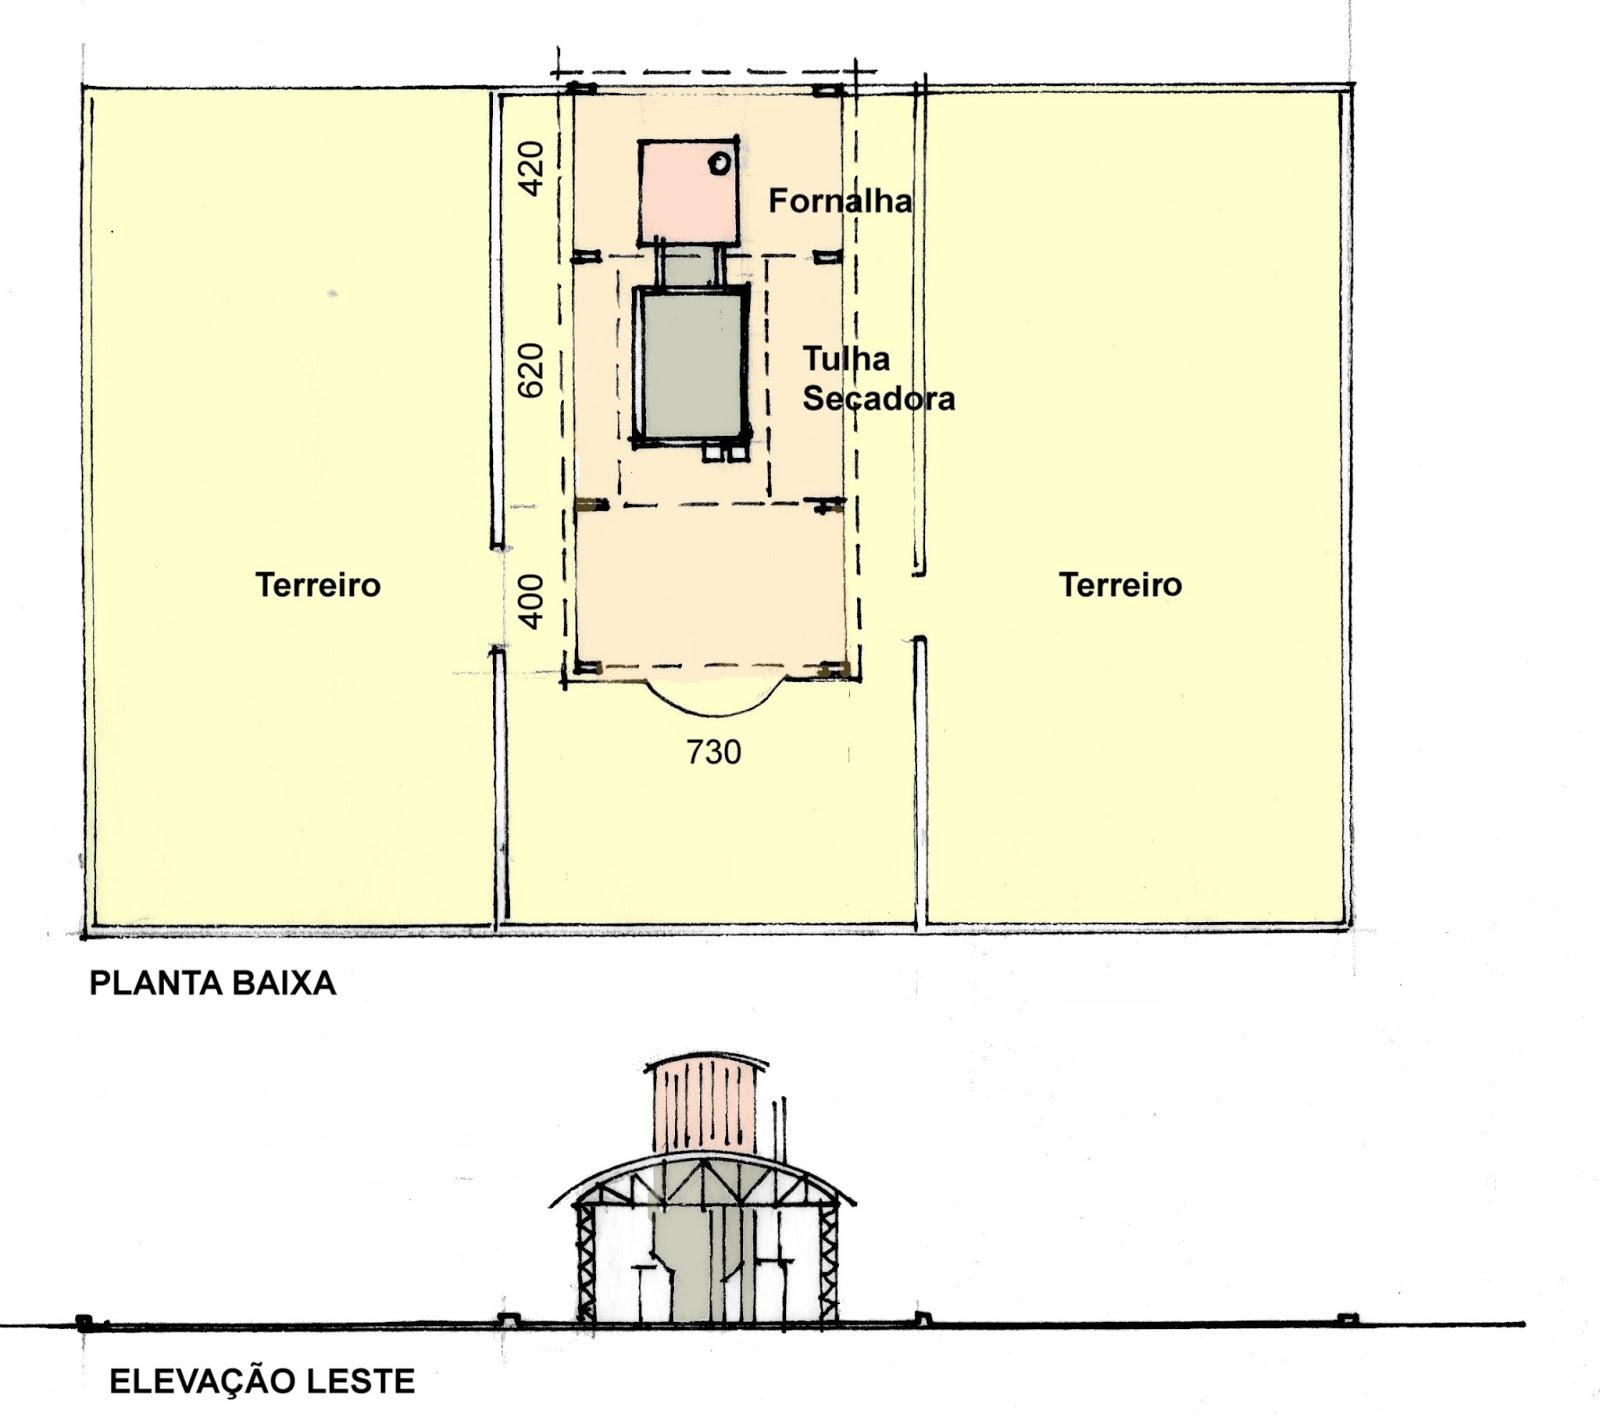 Planta De Casa De Fazenda Planta Casa Da Fazenda Rosa Dos Ventosjpg  -> Planta De Sala De Ordenha